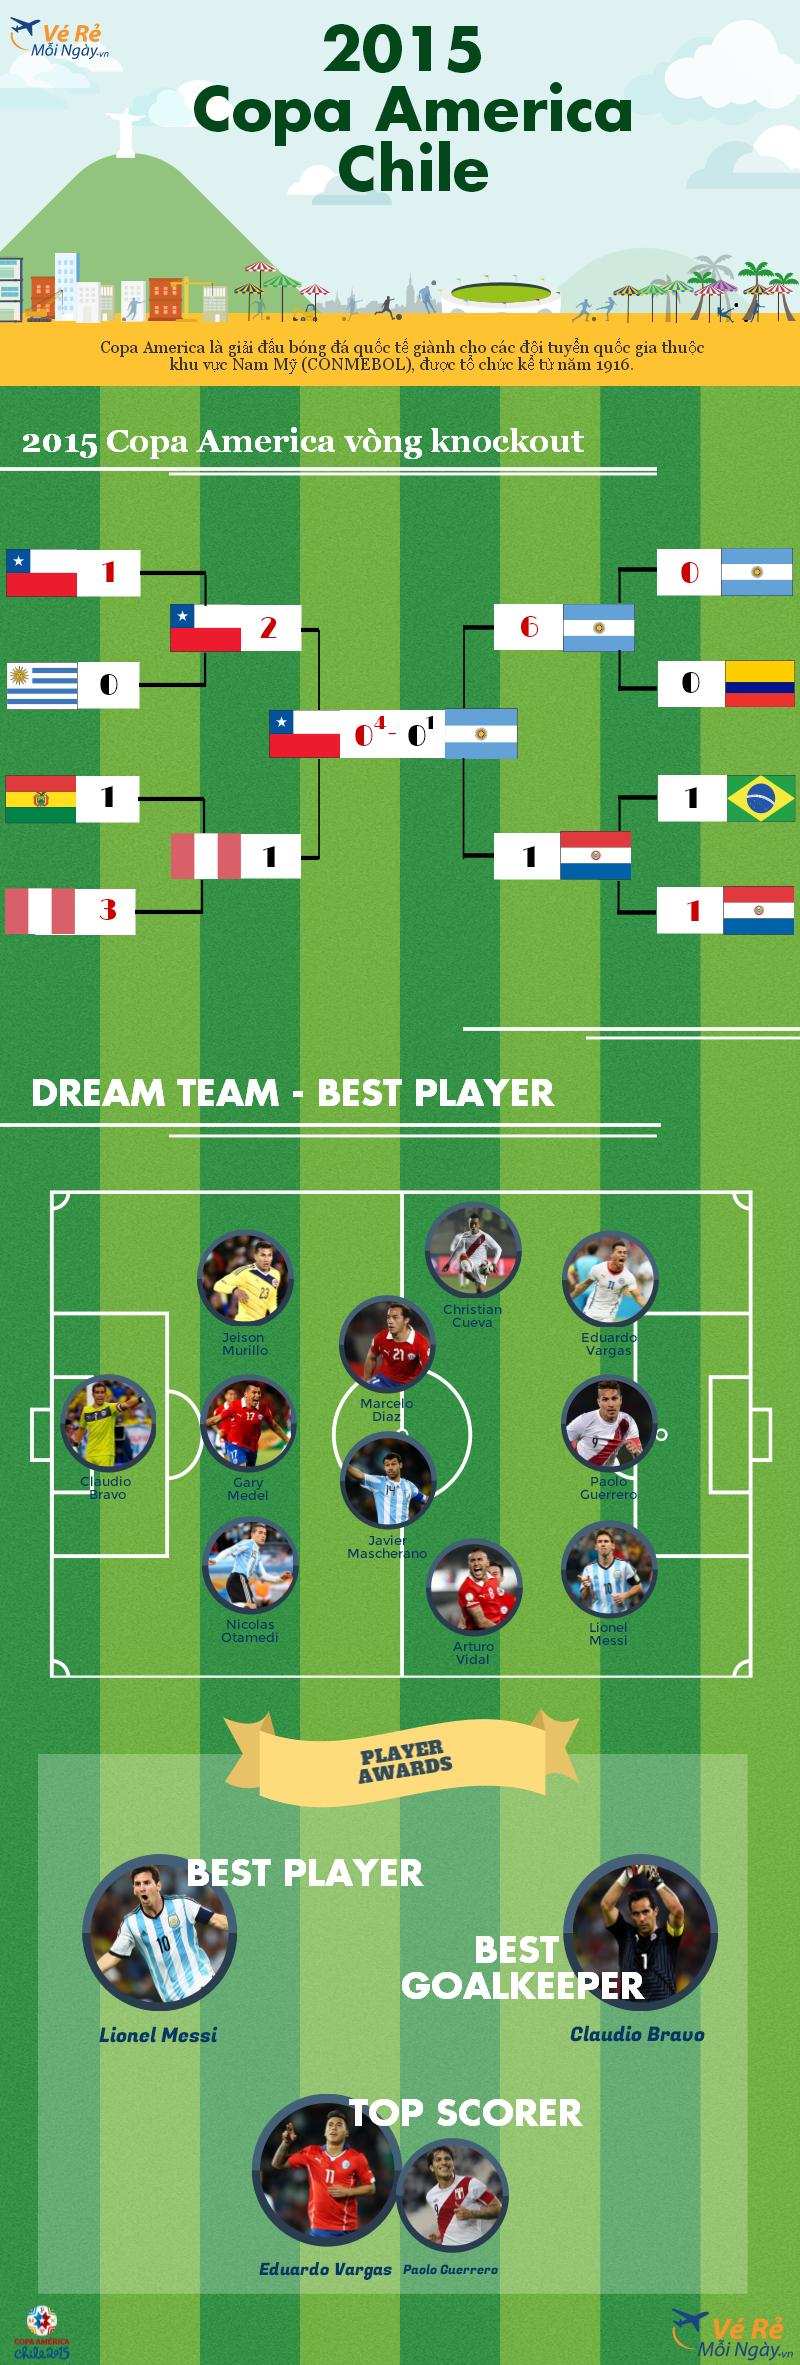 Cúp bóng đá Nam Mỹ - Copa América 2015 - đã khép lại vào ngày 04/07 với chiến thắng thuộc về nước chủ nhà Chile. Cùng ad điểm lại kết quả các trận đấu, đội hình tiêu biểu và những danh hiệu cá nhân trong kì Copa America lần này nhé. #CopaAmerica #Chile #Messi #Dreamteam #Bestplayer #TopScorer